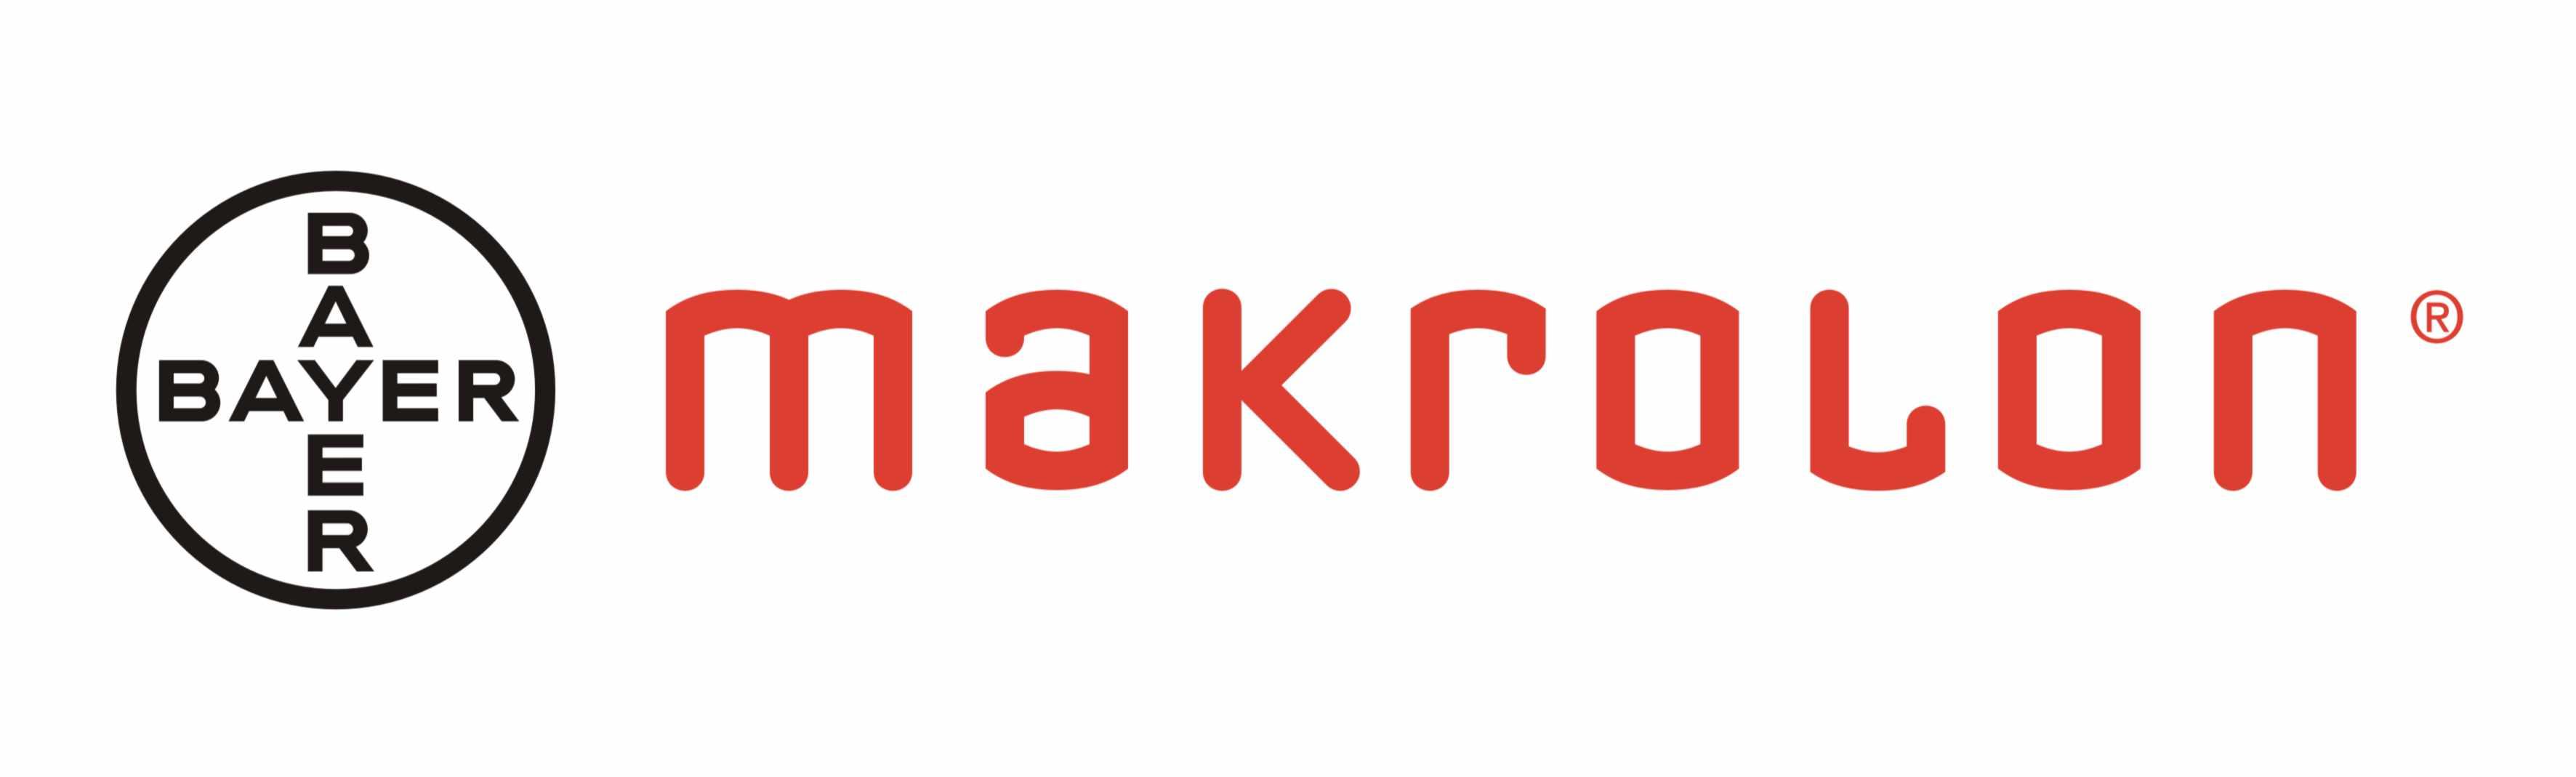 Makroloni logo